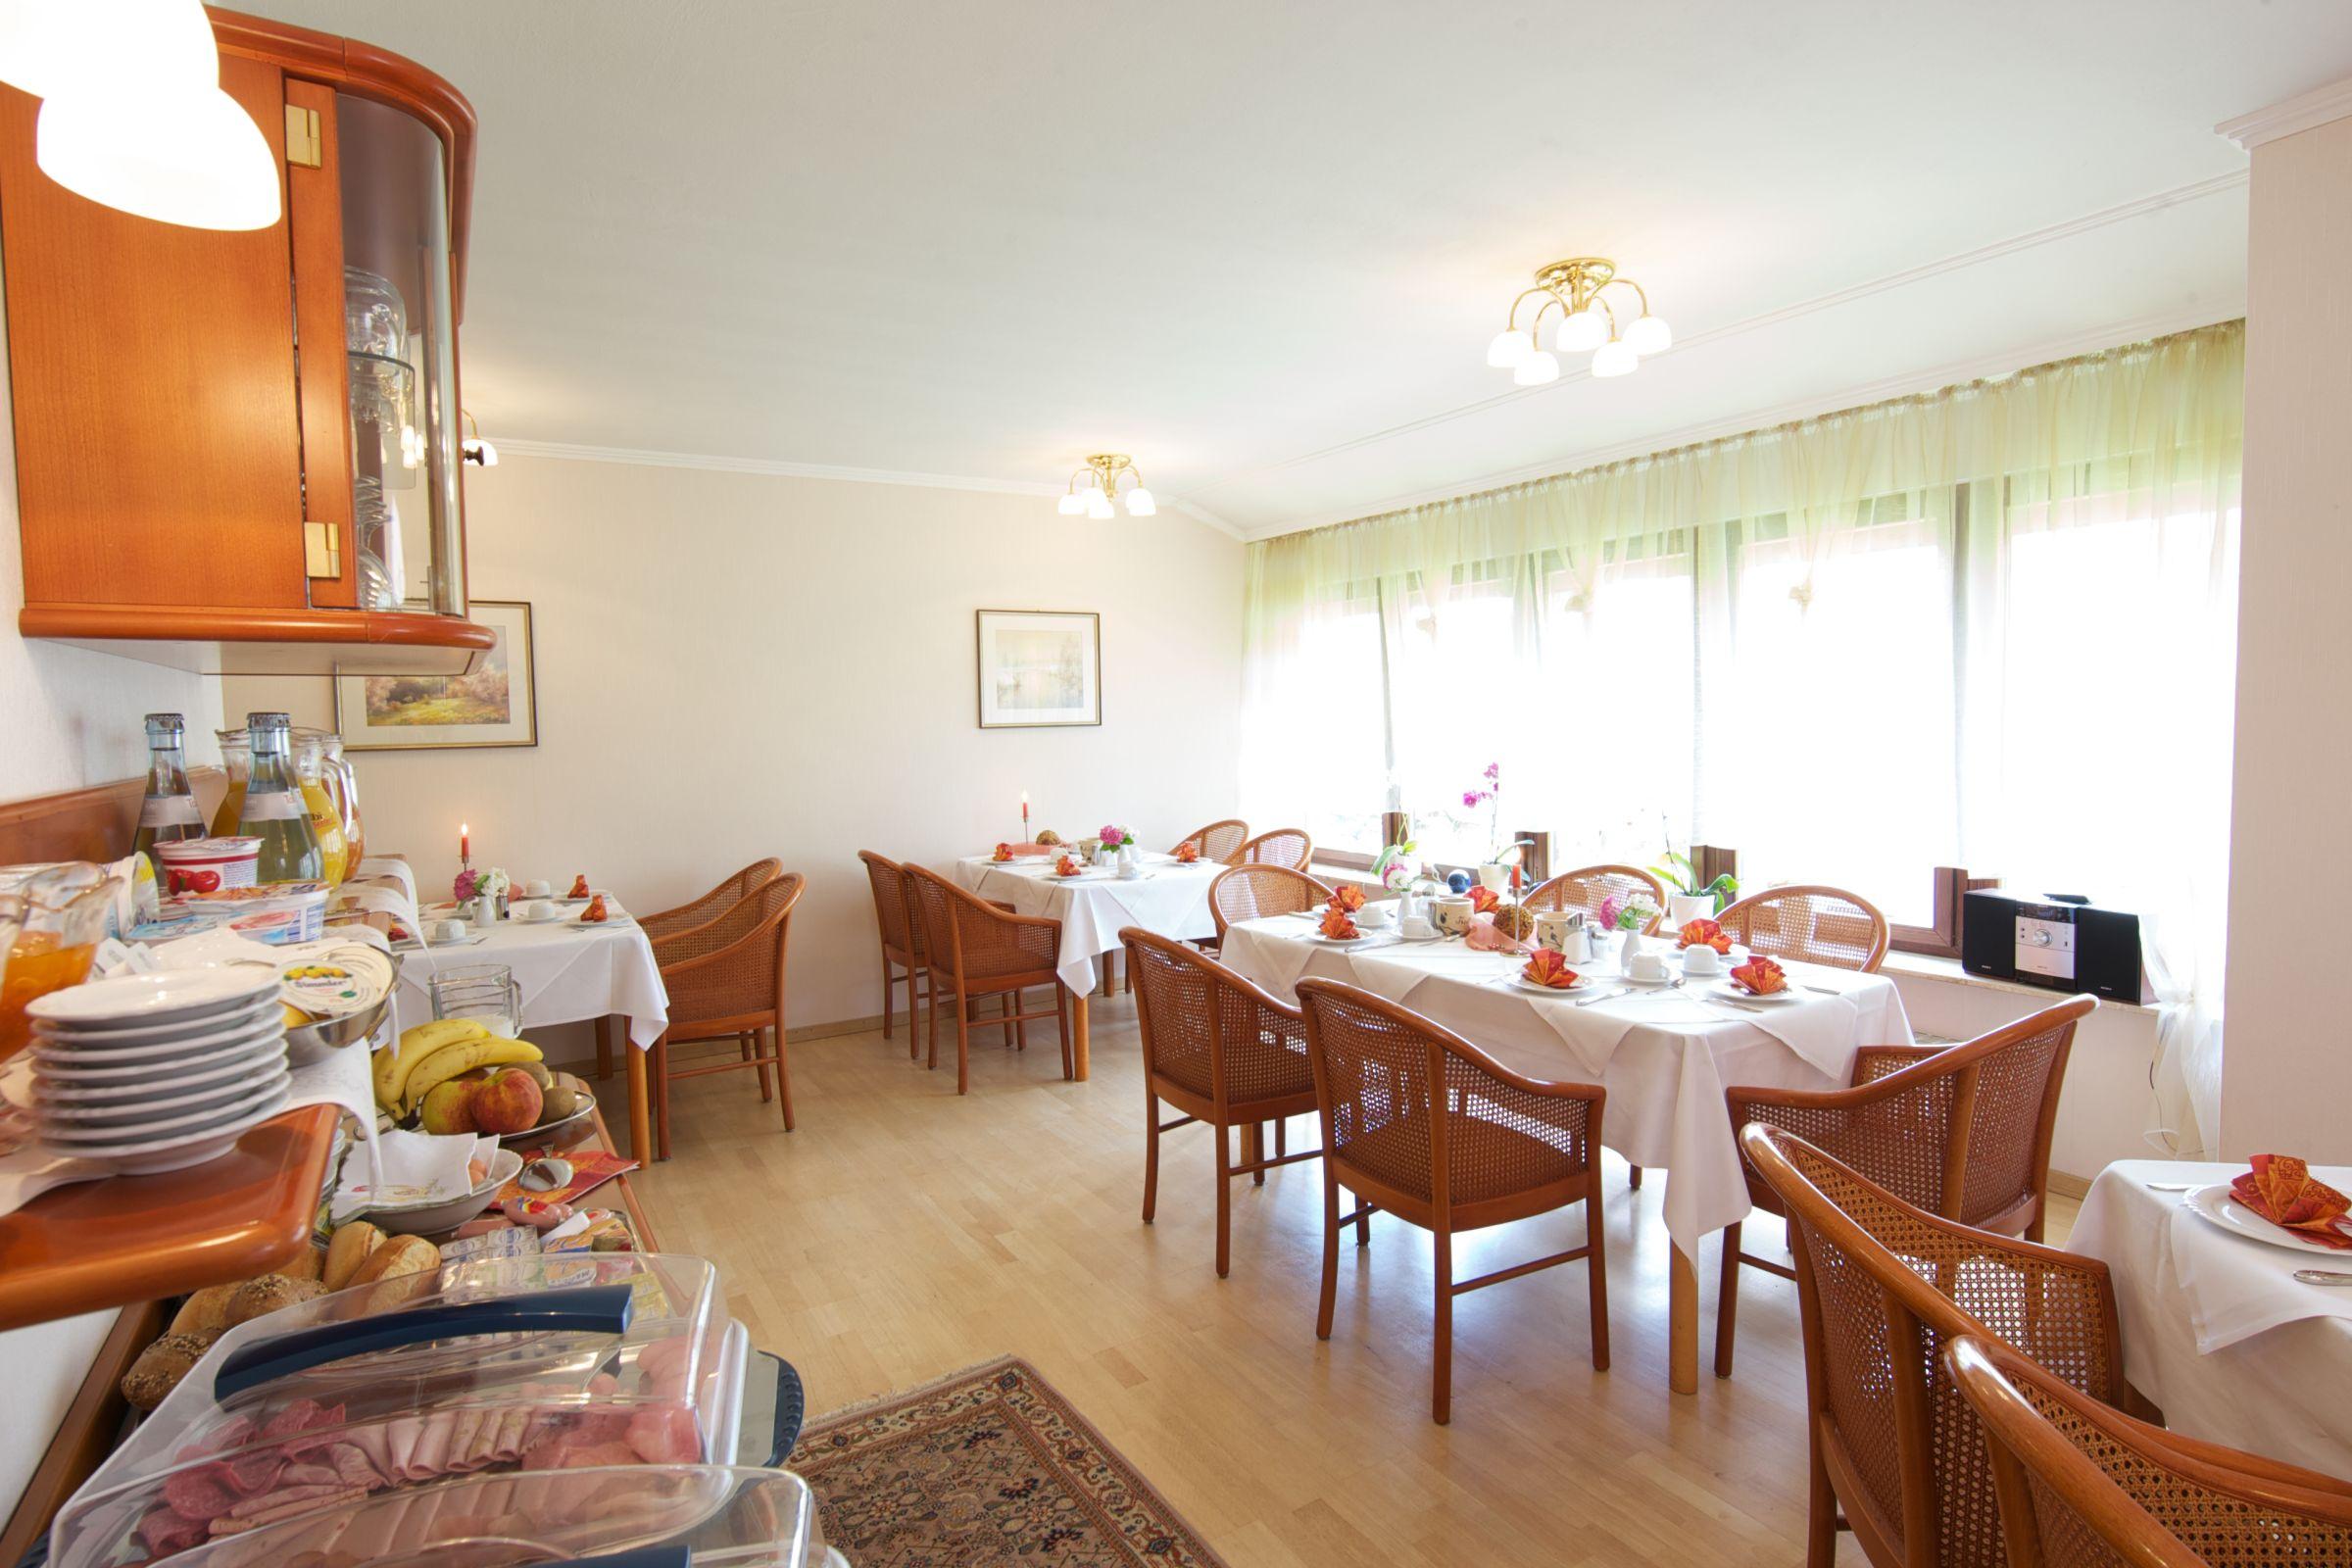 hotel reinhardshof garni wolfschlugen doppelzimmer comfort mit dusche und wc region stuttgart. Black Bedroom Furniture Sets. Home Design Ideas